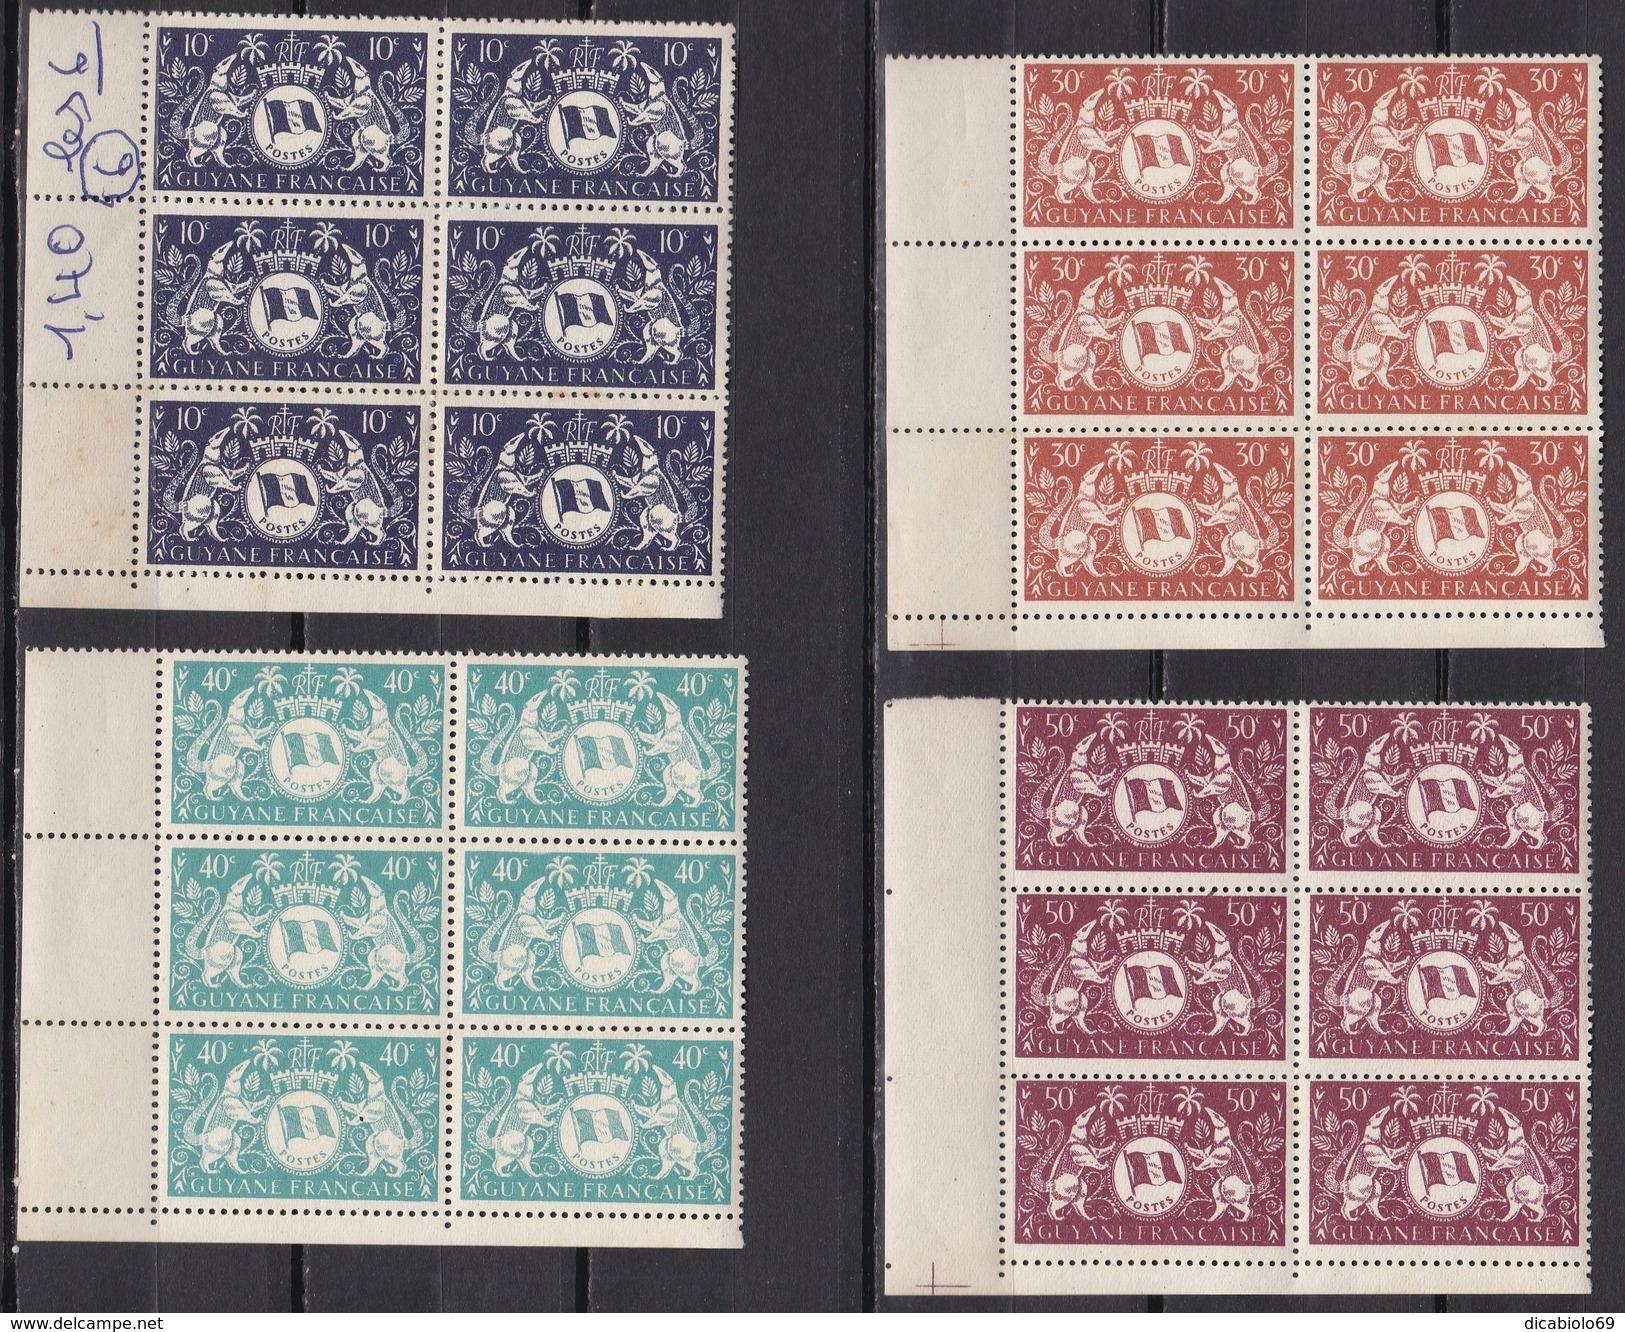 Guyane 1945 - N°182 à N°187 En Blocs De 6 - TTB - Unused Stamps